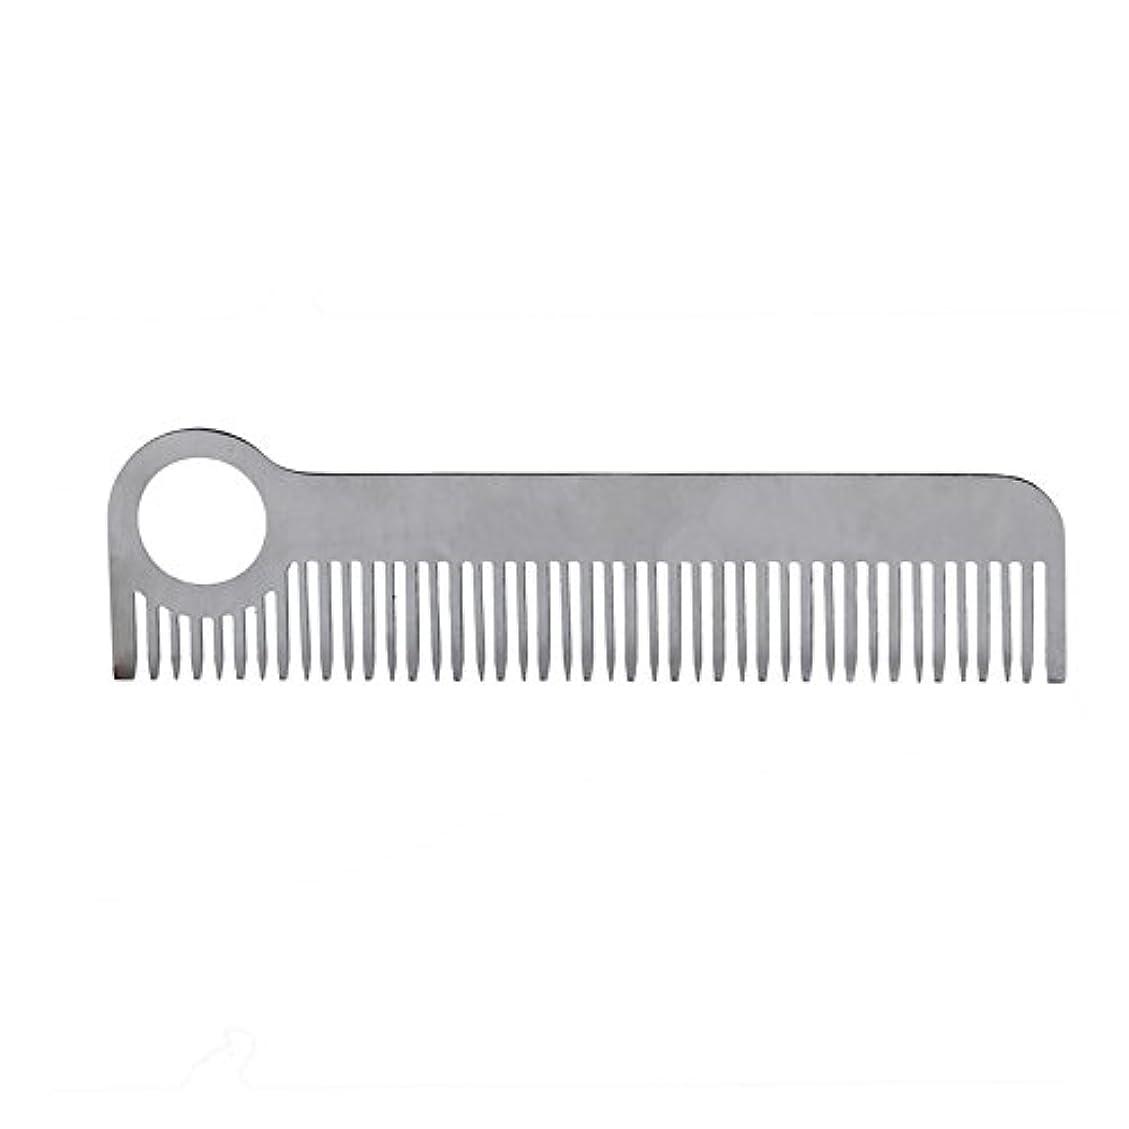 メンダシティもう一度猛烈なEDCポケット シルバーステンレス鋼 アウトドア髪の歯の櫛 サバイバルツール